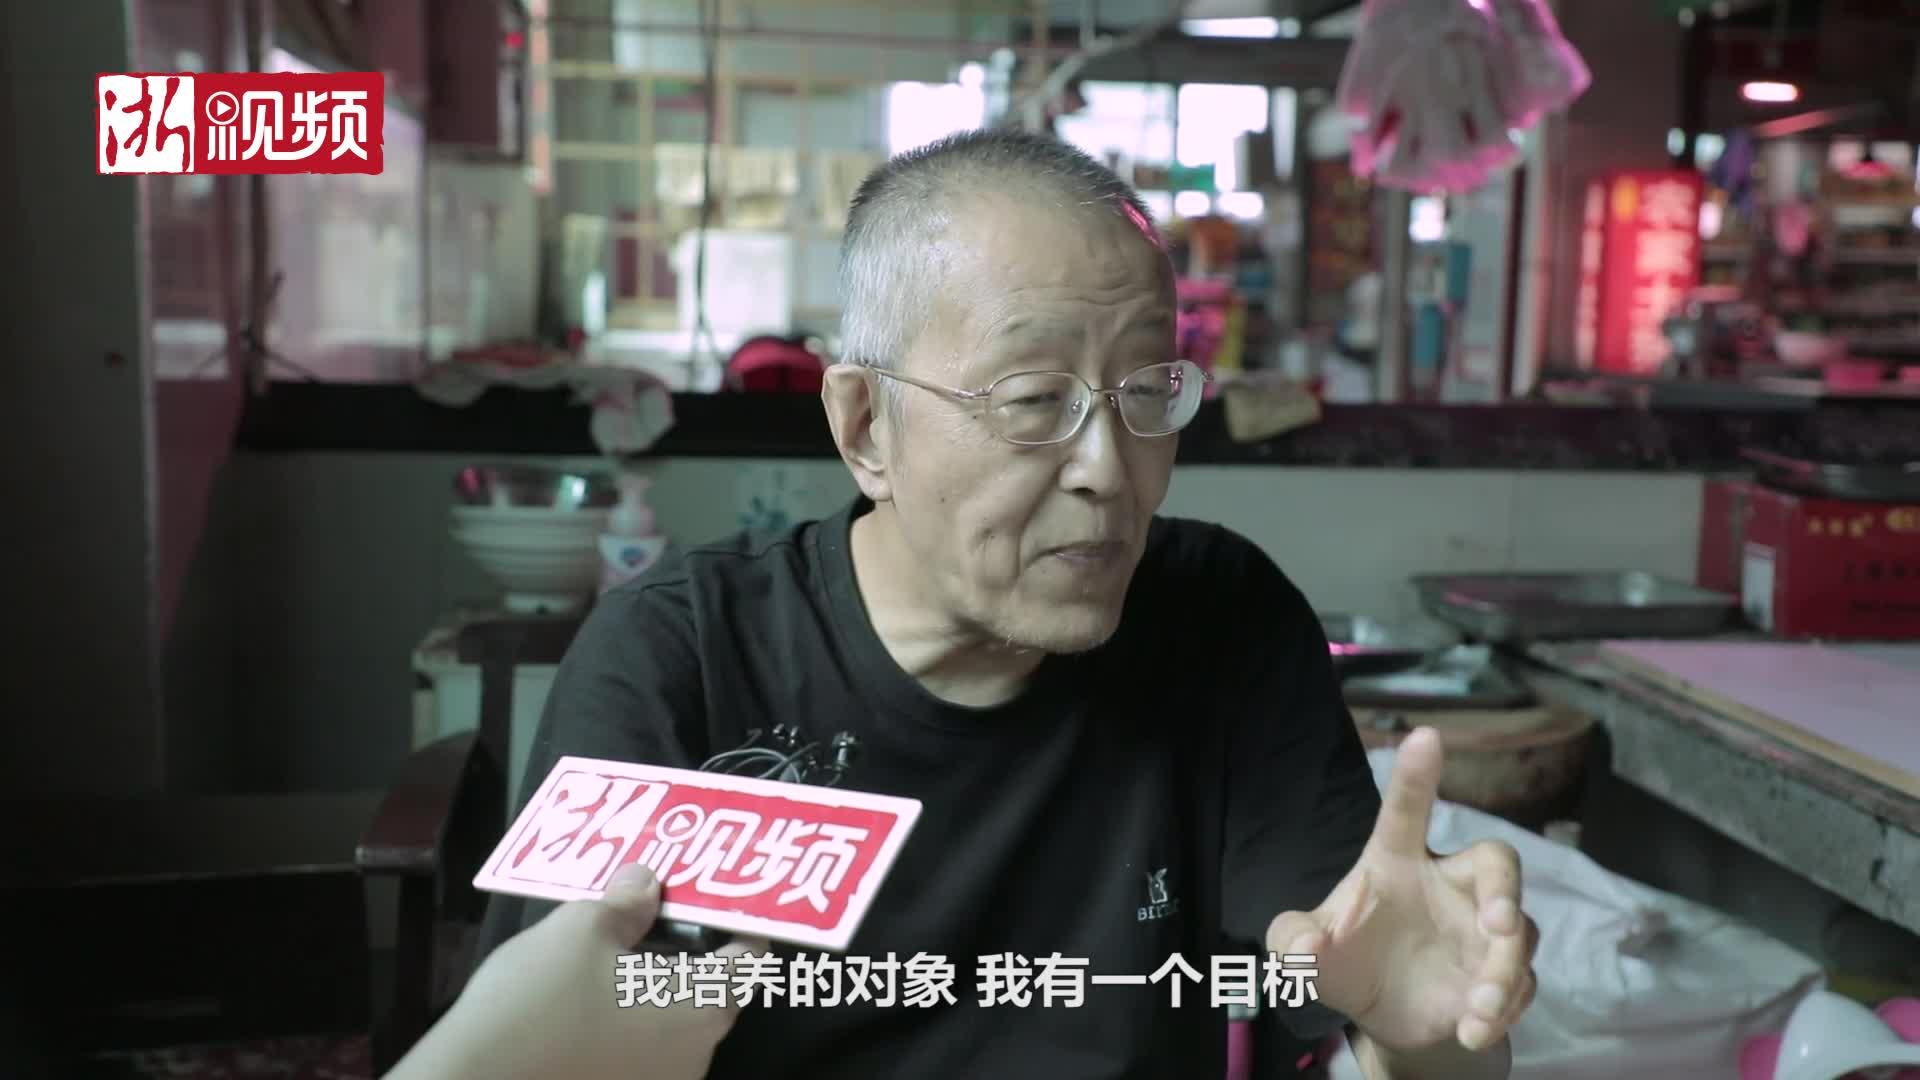 64岁老伯菜场免费教英语